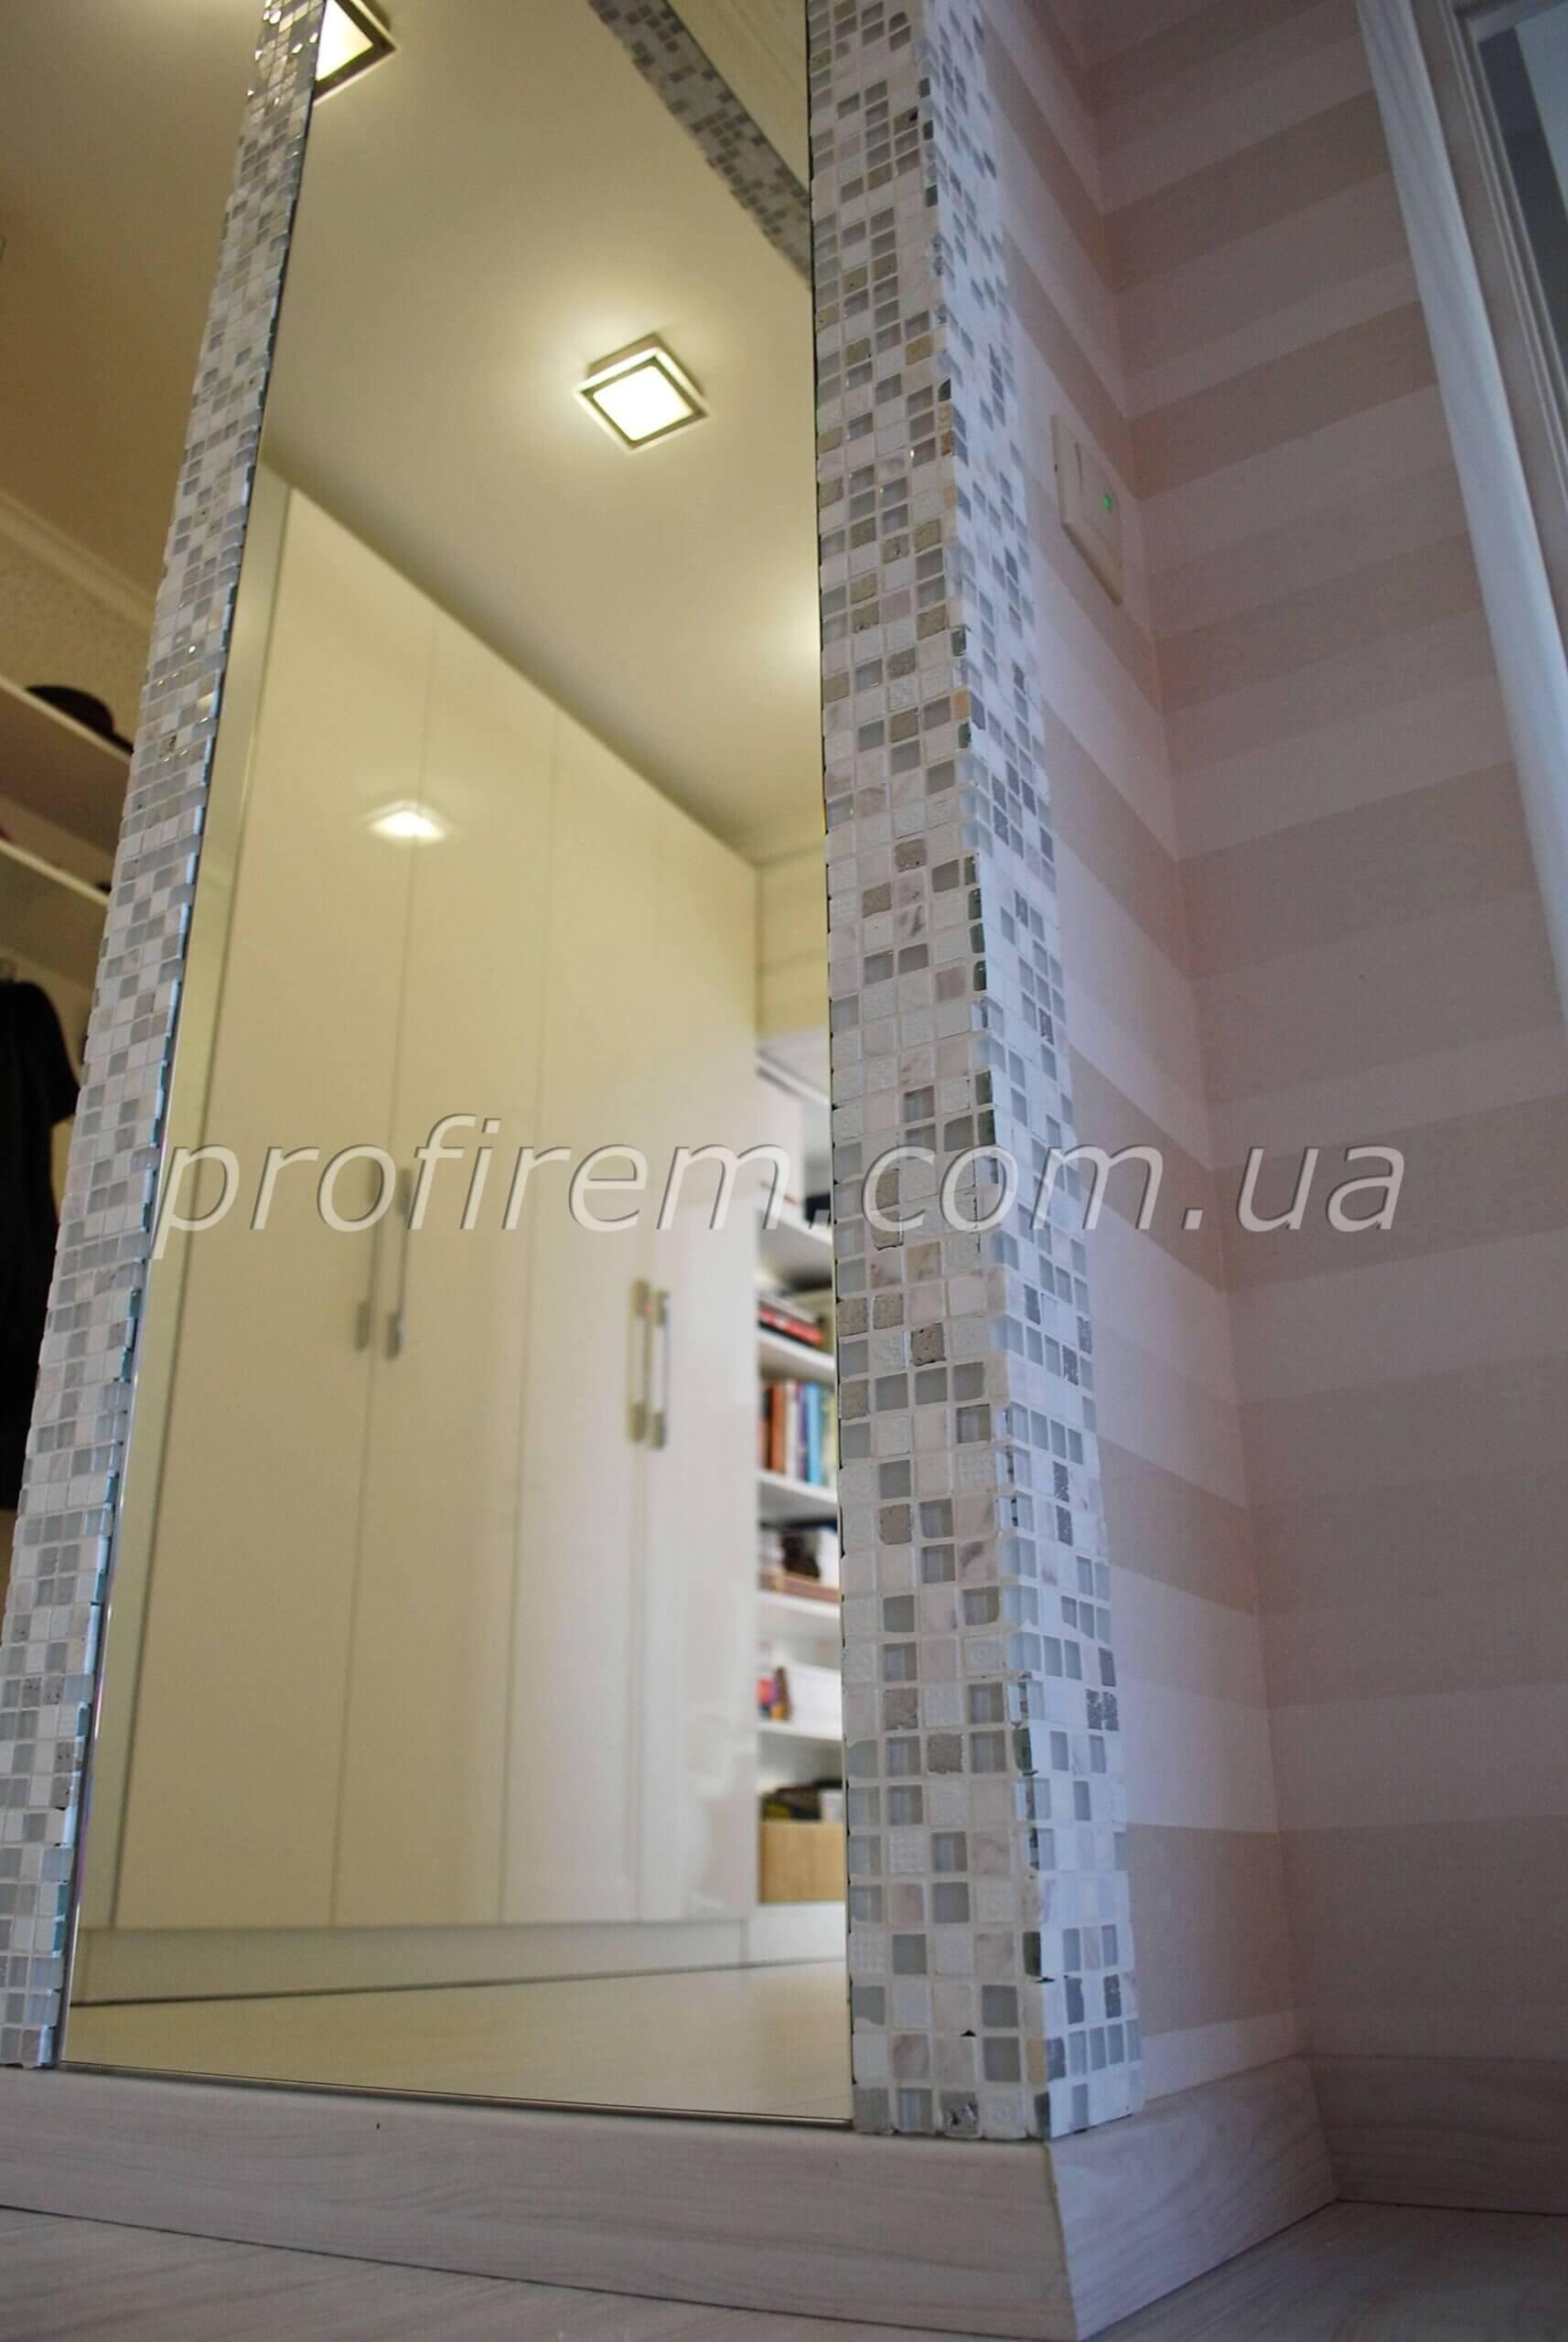 Фотография зеркала коридора